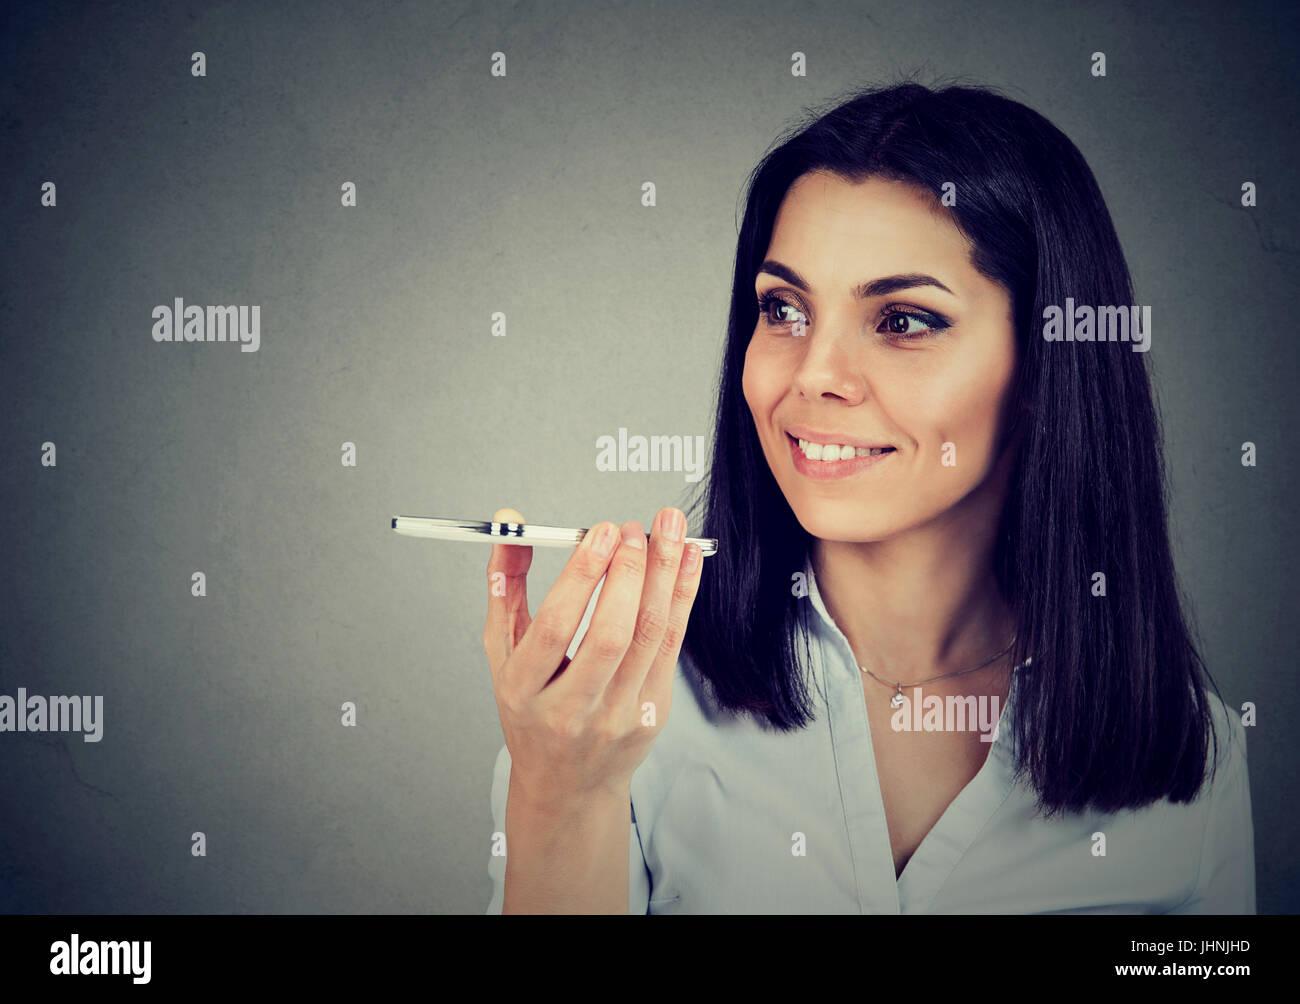 Ragazza utilizzando un telefono intelligente funzione riconoscimento vocale sulla linea isolata sul muro grigio Immagini Stock